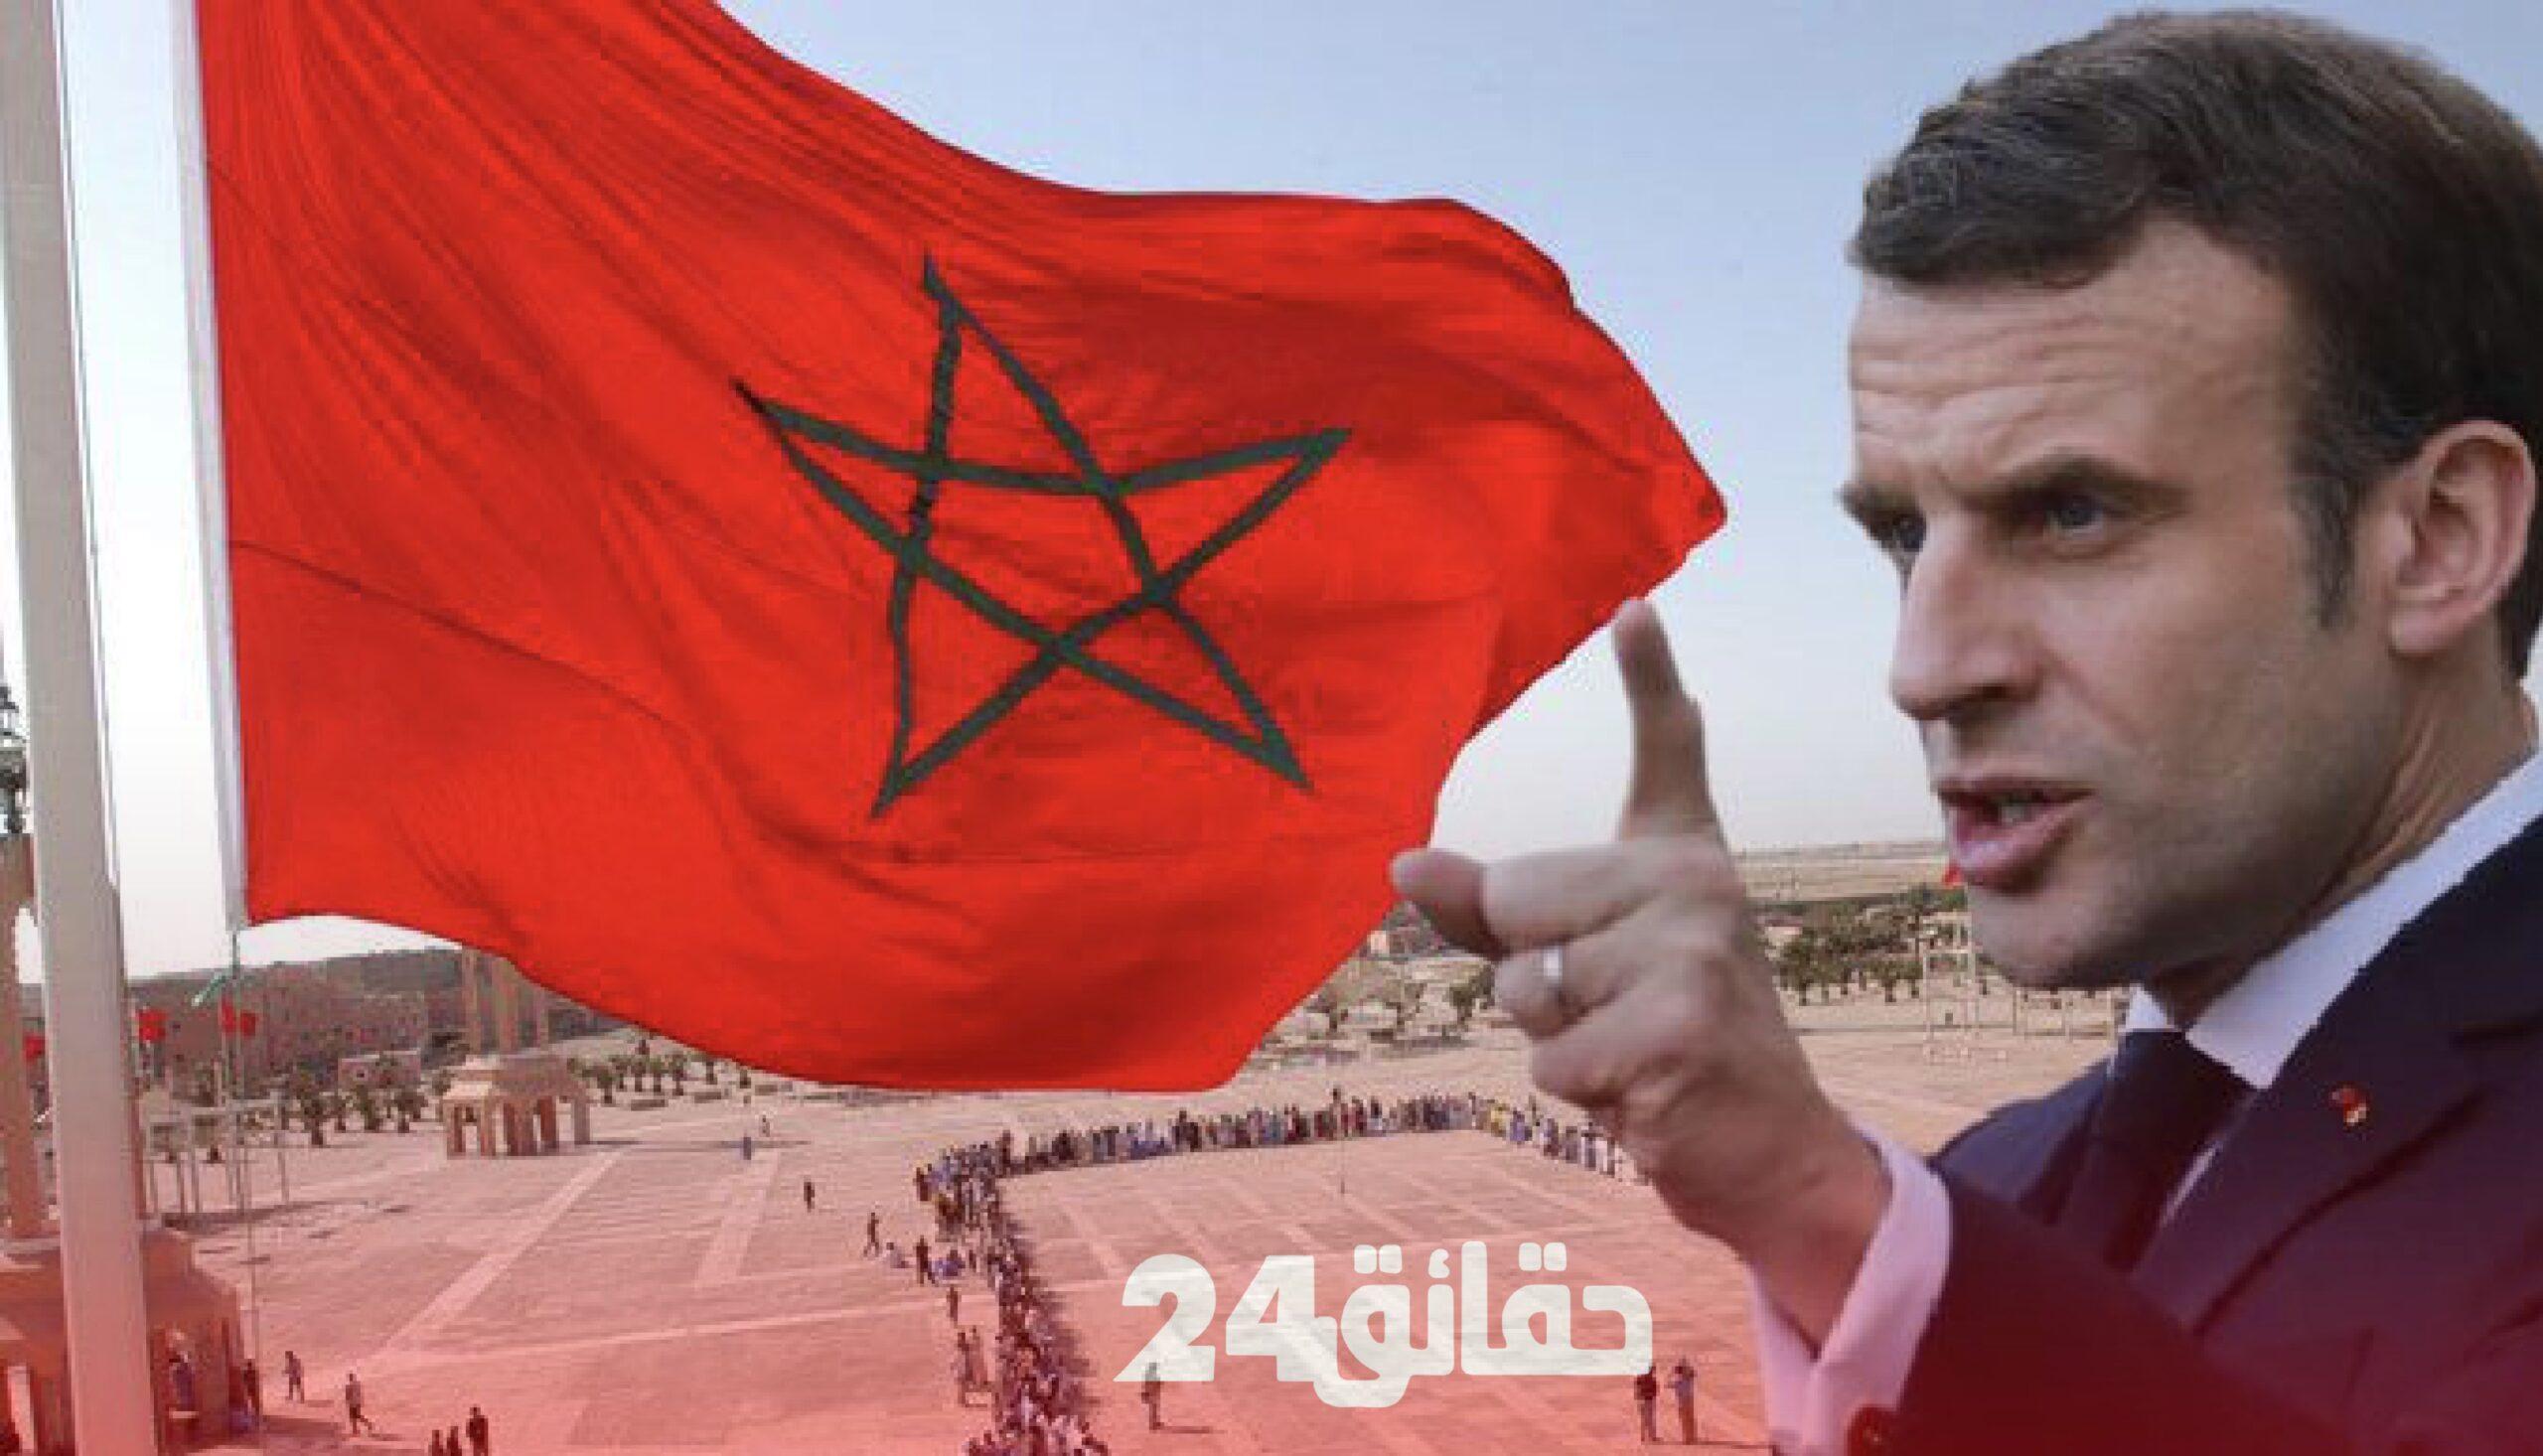 صورة صحيفة .. فرنسا جاهزة للاعتراف بمغربية الصحراء